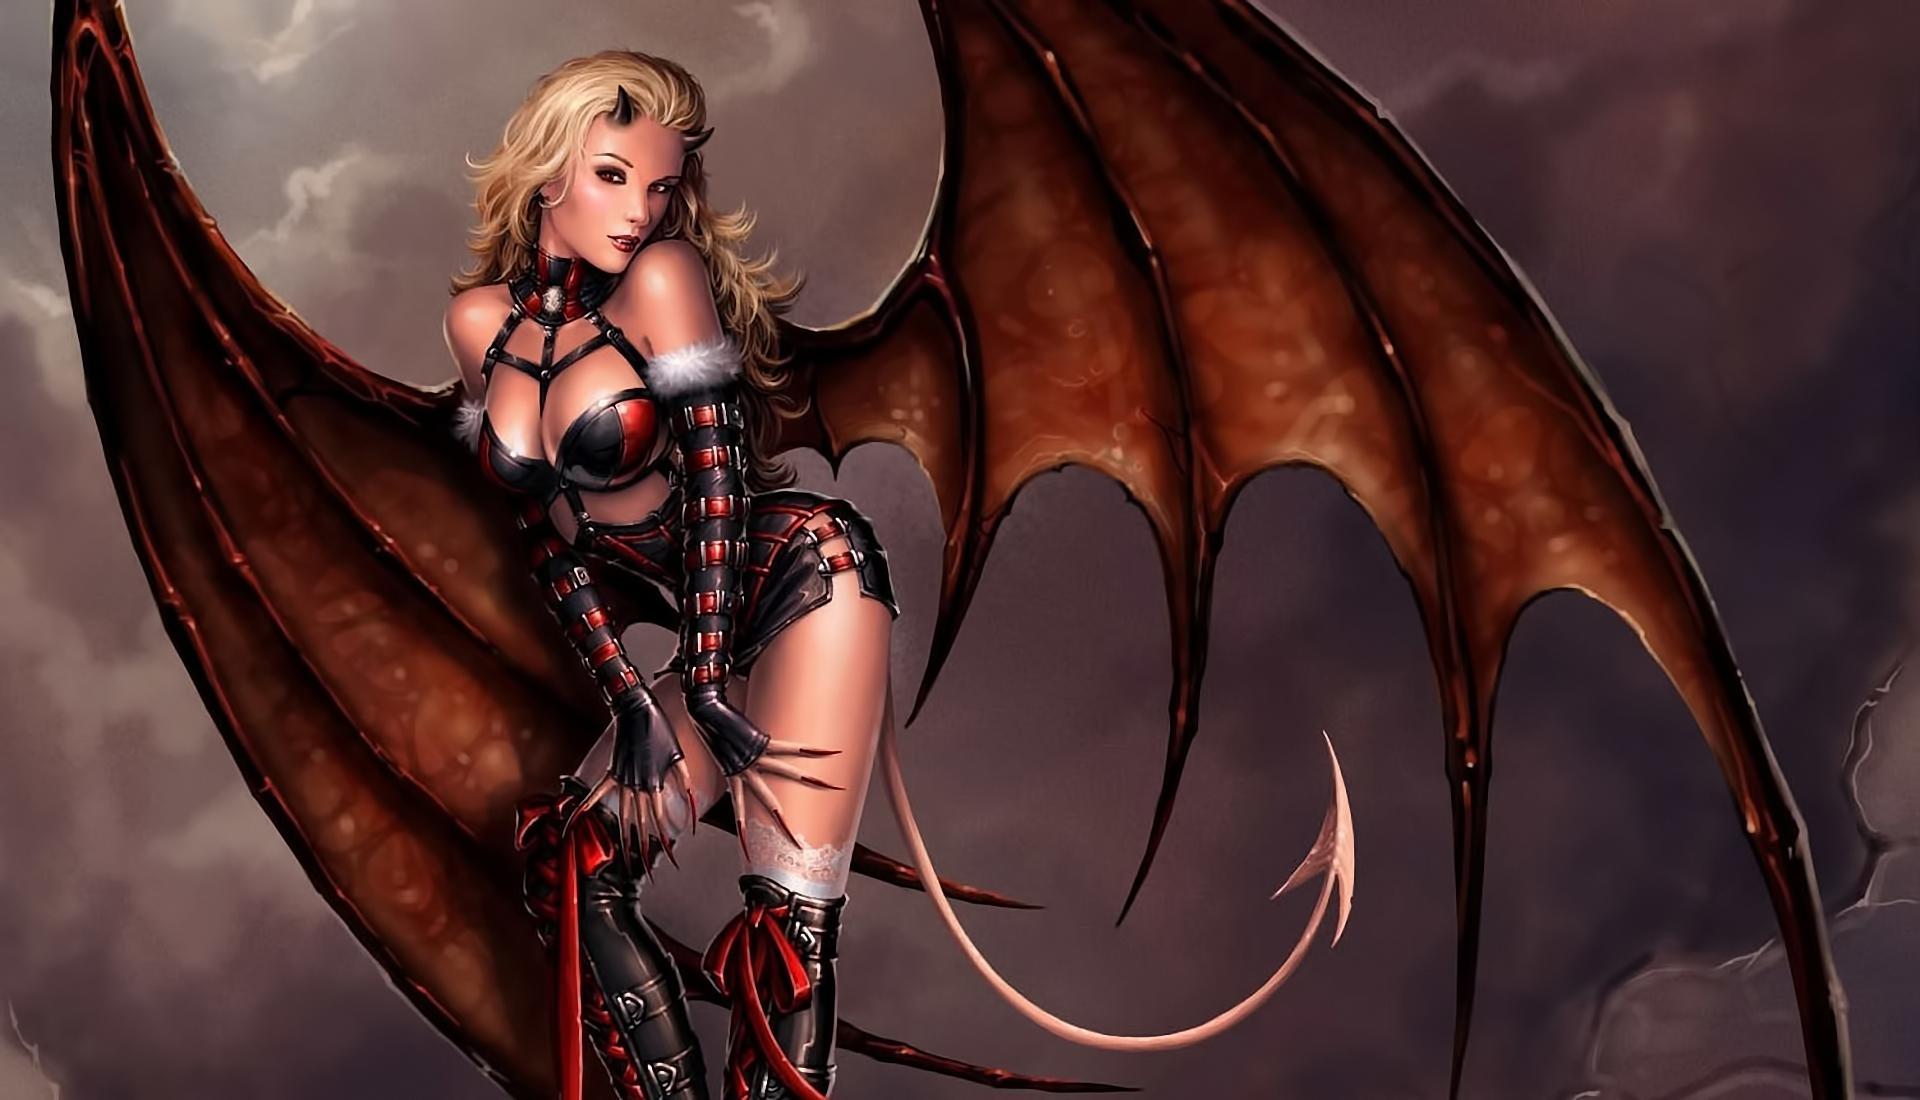 art girl demon demoness demon wings tail horns eyes posturejpg 1920x1100